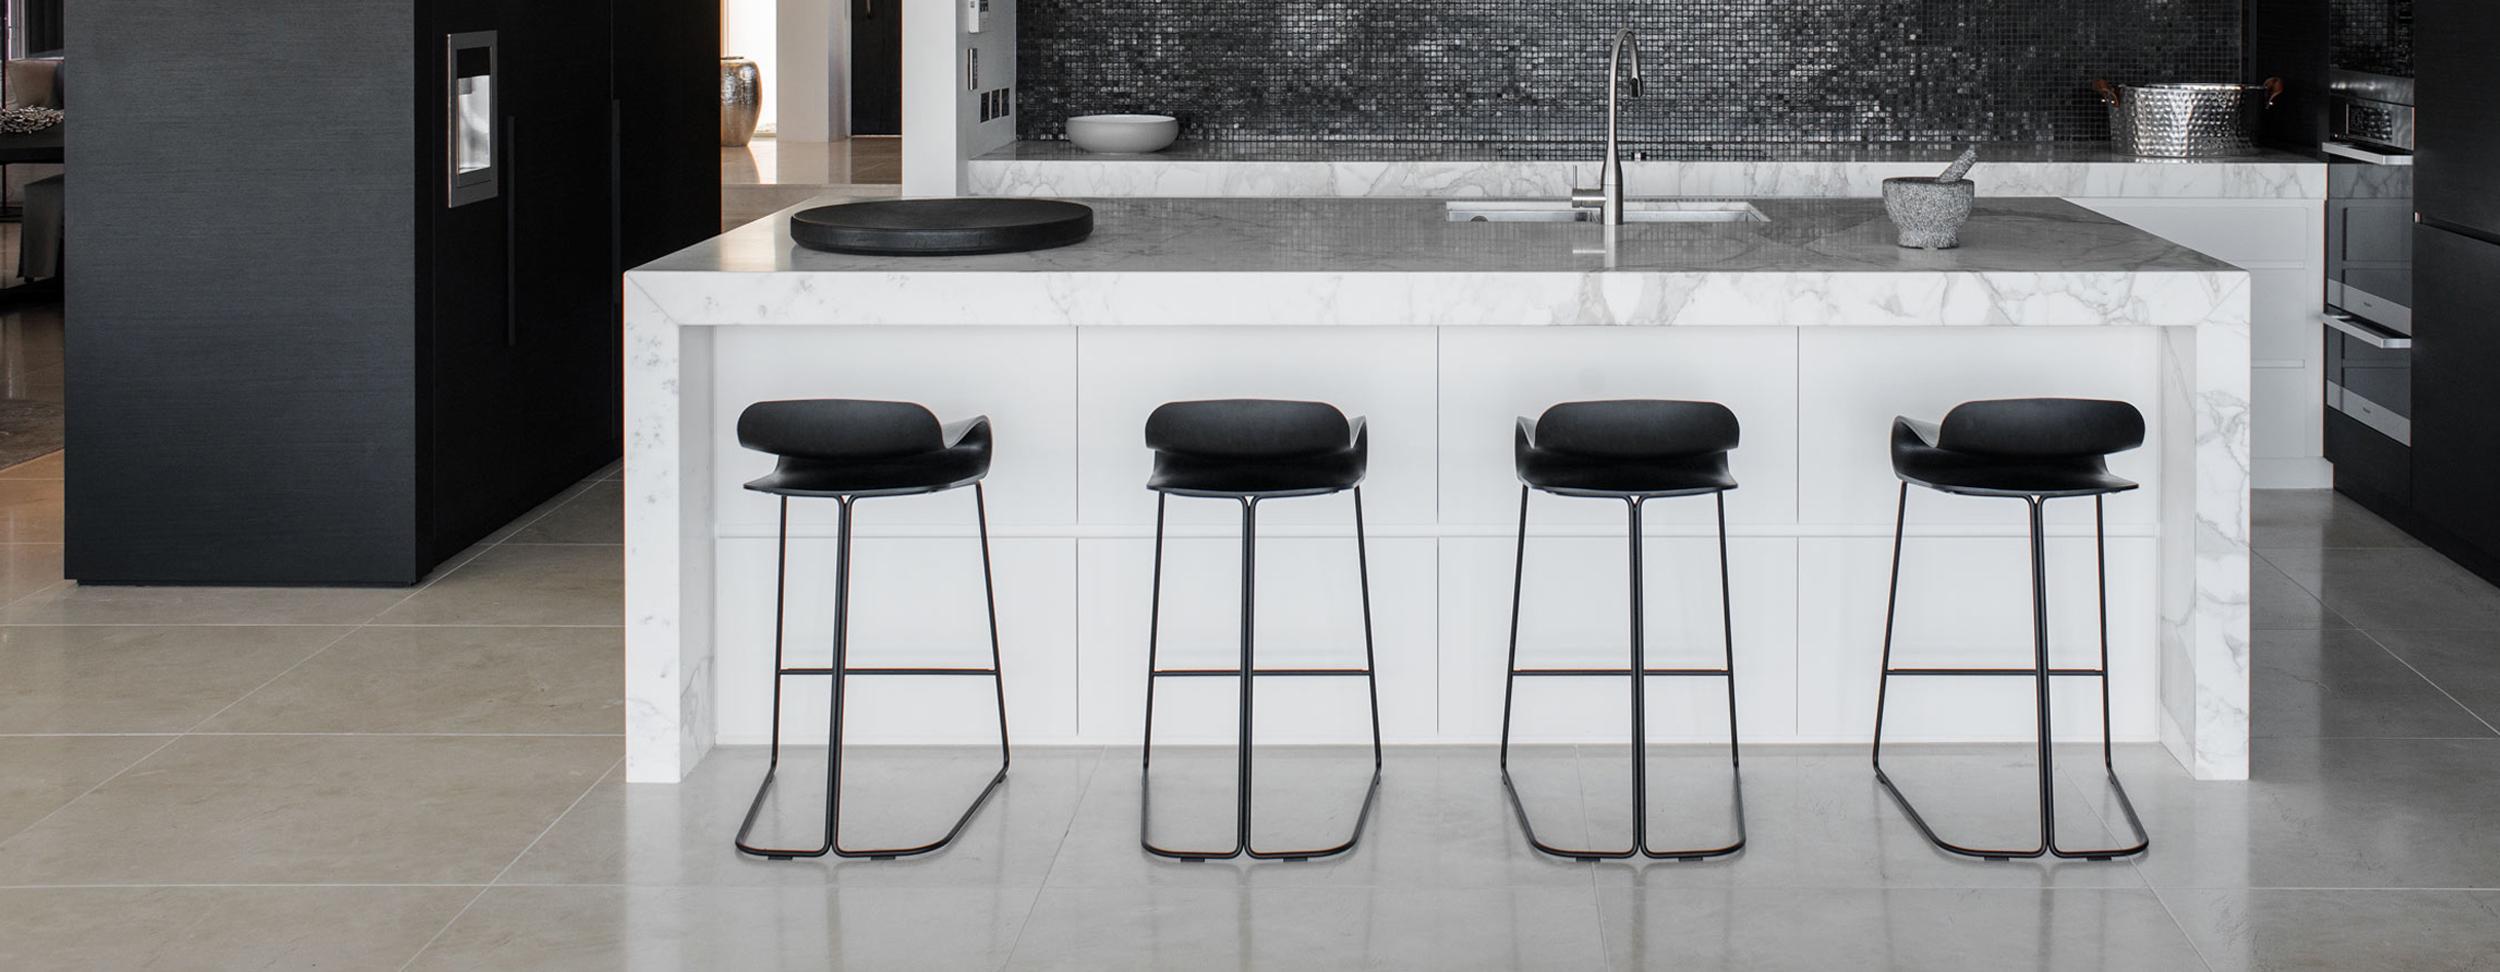 Designer Stools Sydney Amp Melbourne Kitchen Amp Dining Room